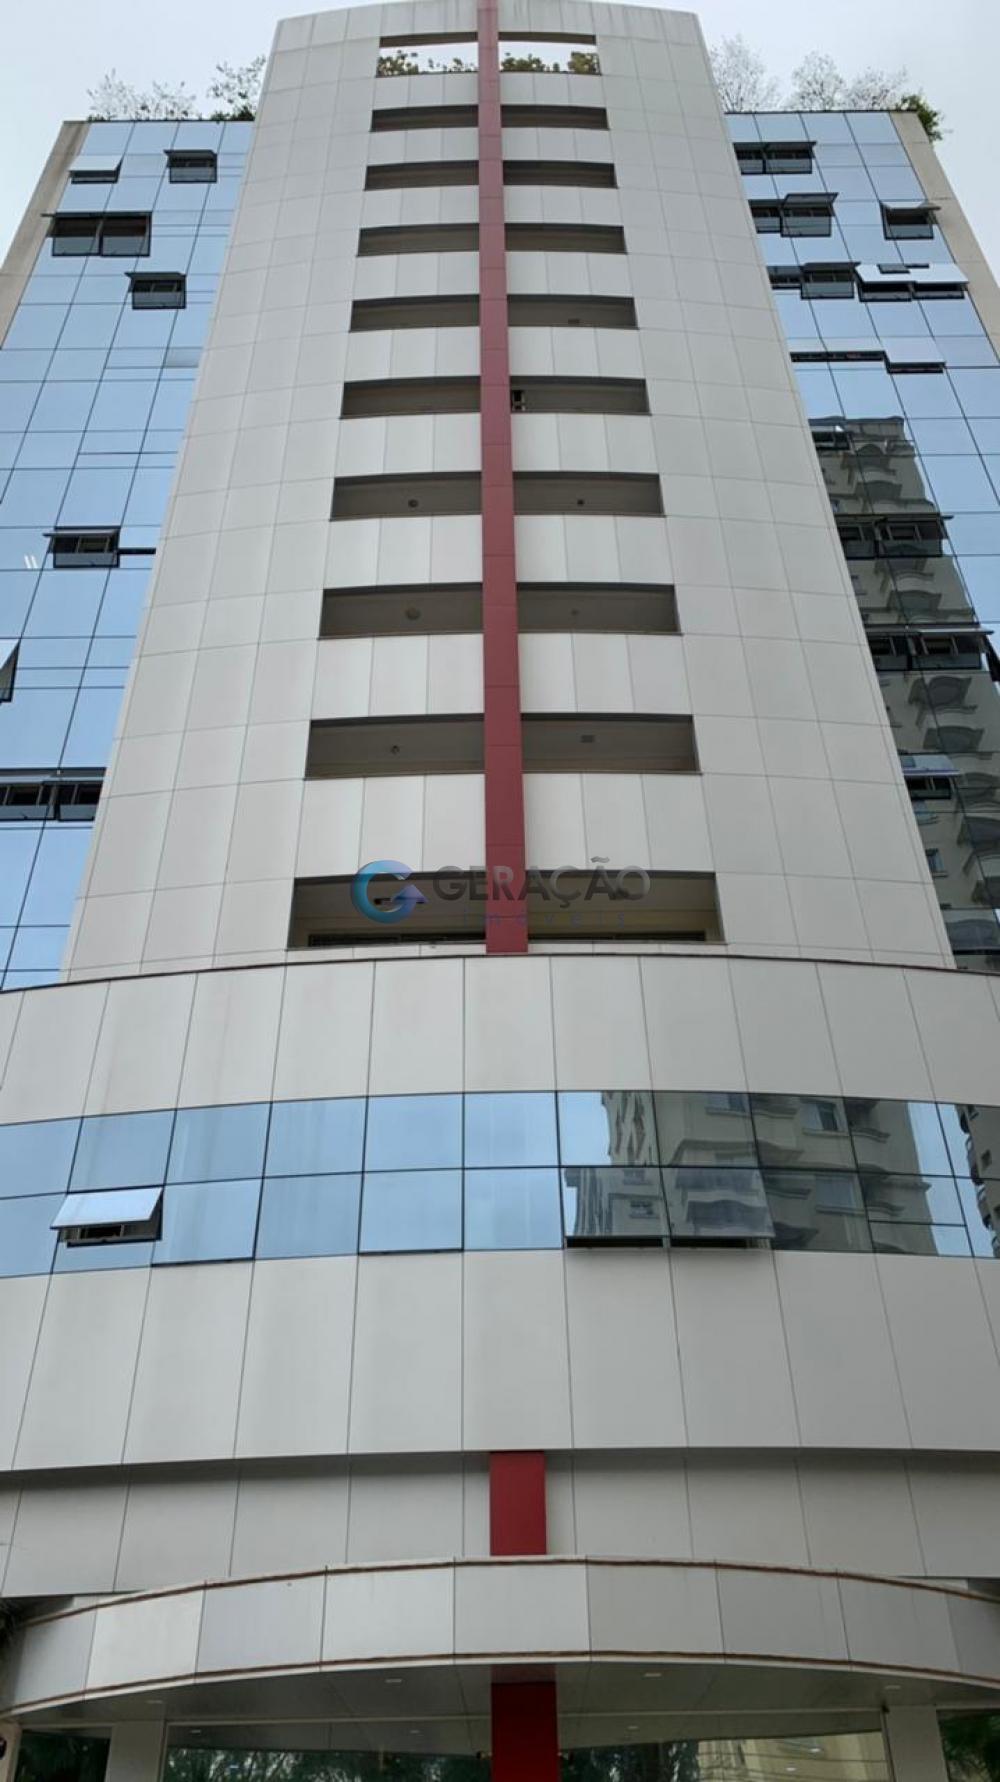 Comprar Comercial / Sala em Condomínio em São José dos Campos R$ 270.000,00 - Foto 7